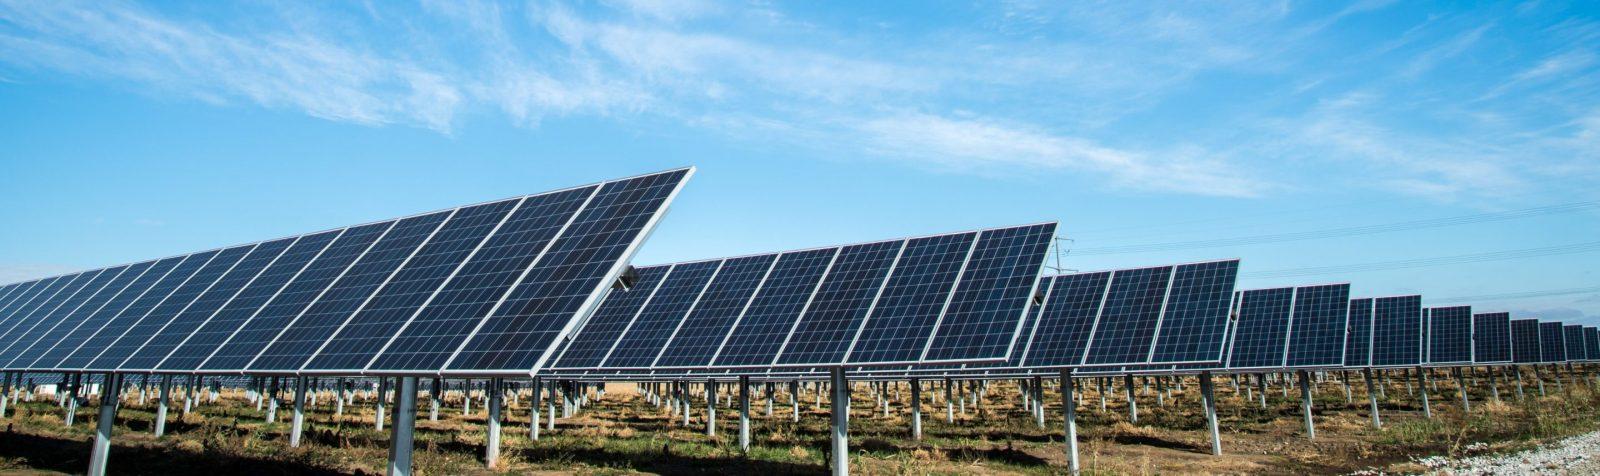 ce que l'on retient du rapport de l'IRENA sur les emplois créés par les énergies renouvelables